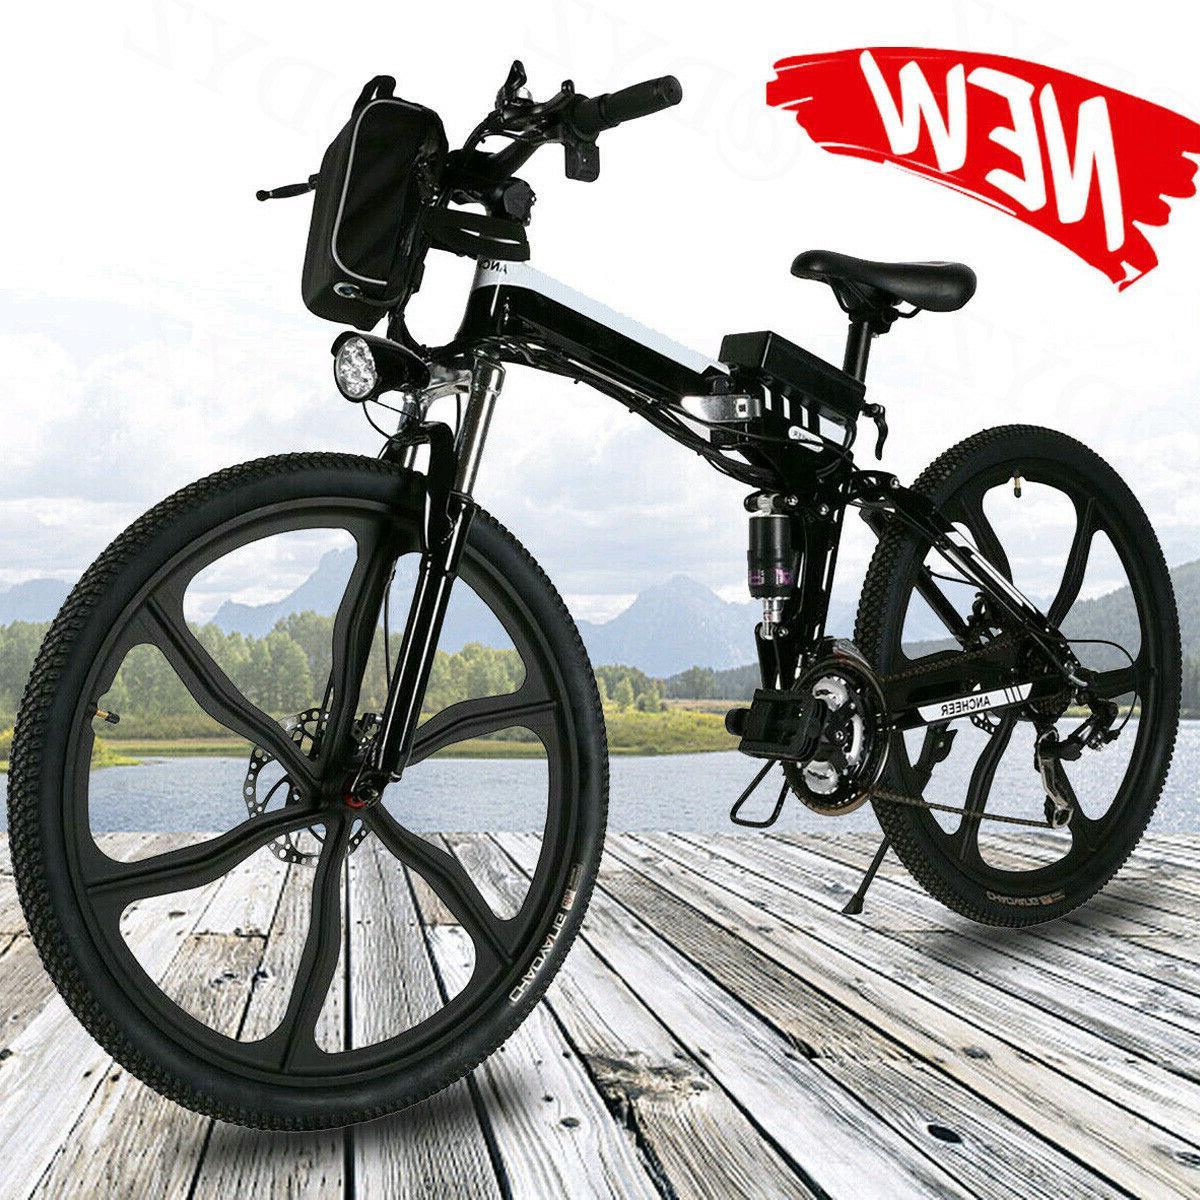 26INCH Electric Bike Folding Mountain Bicycle E-Bike Classic